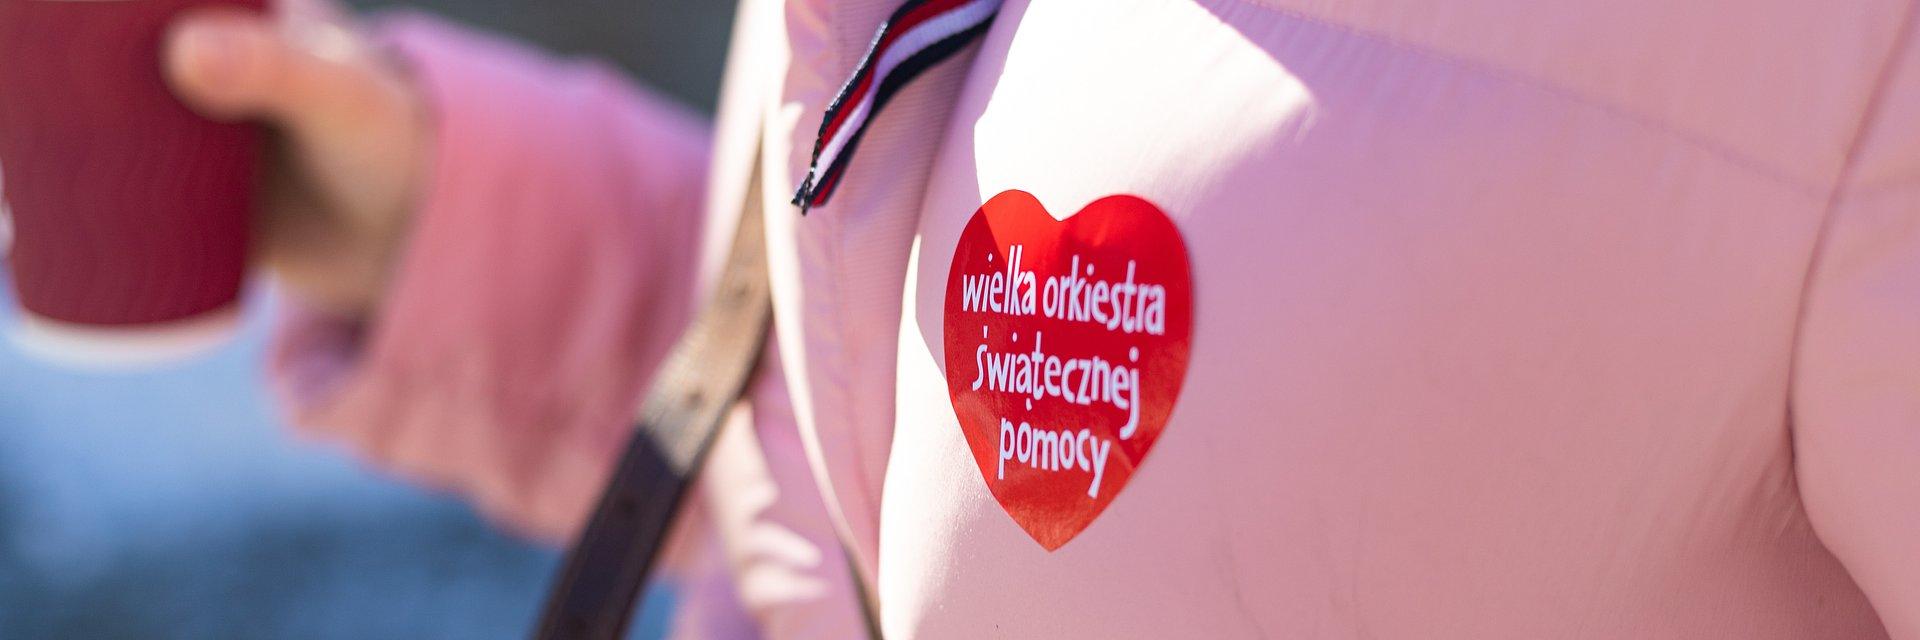 Wolontariusze Wielkiej Orkiestry Świątecznej Pomocy umówią wizytę w Sztabie za pomocą aplikacji Booksy.